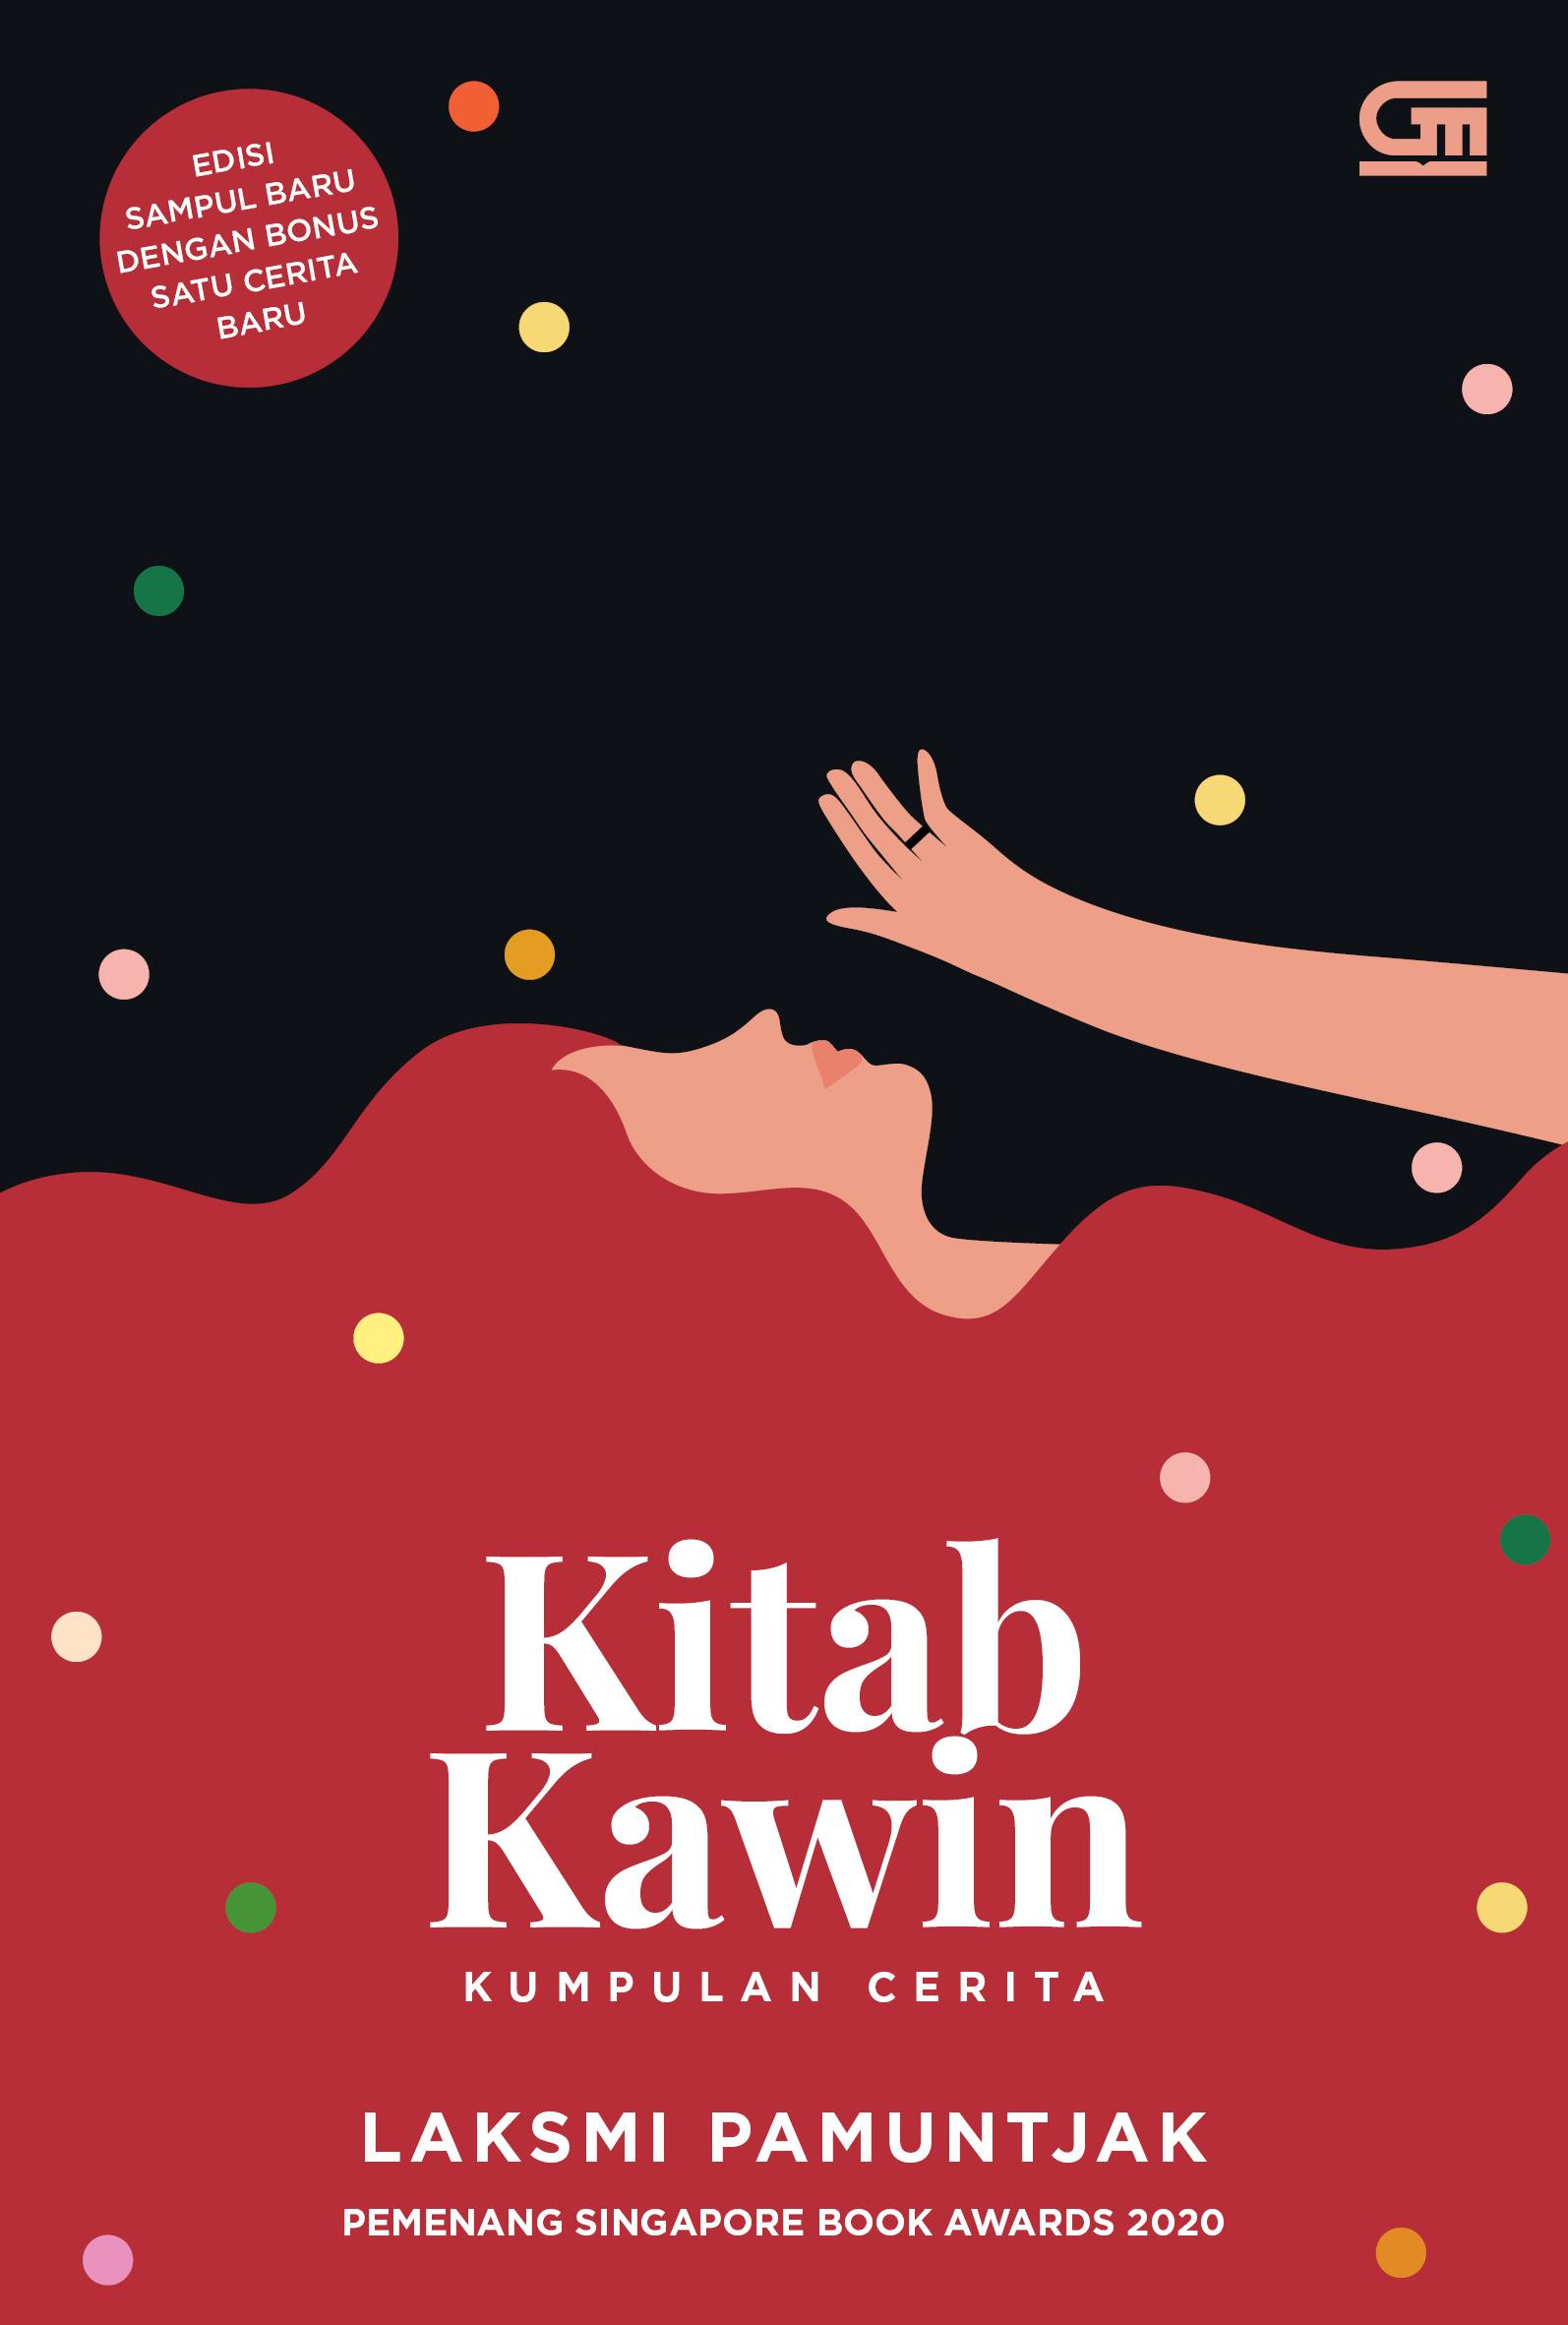 Kitab Kawin - Kumpulan Cerita (Cover Baru)